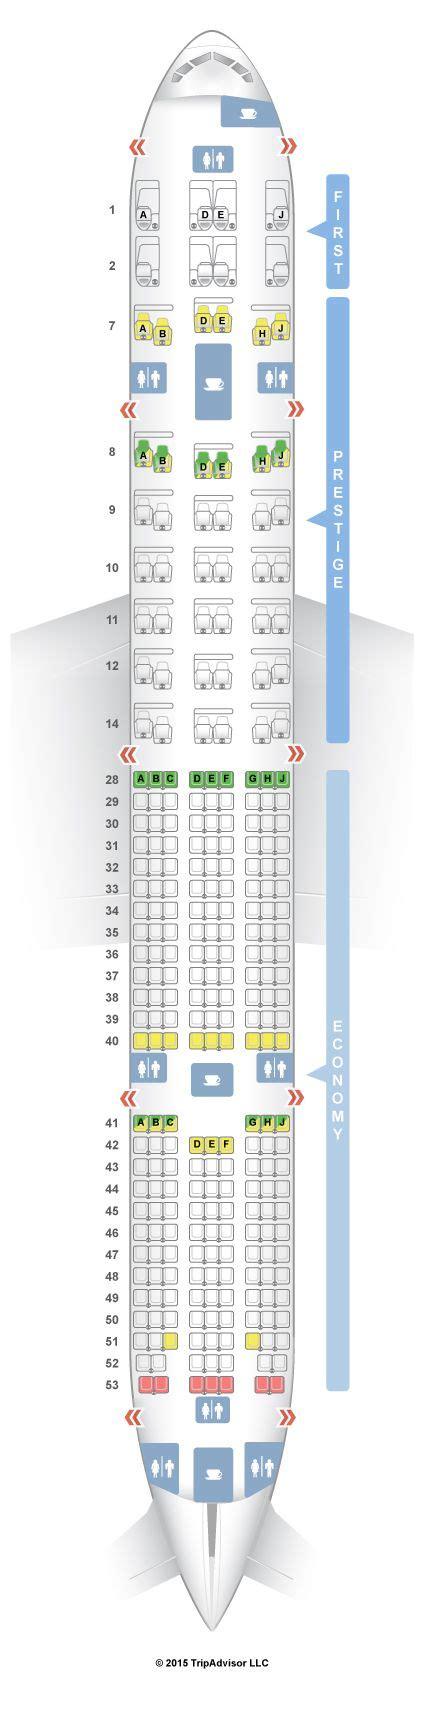 plan siege boeing 777 300er les 25 meilleures idées de la catégorie boeing 777 300er